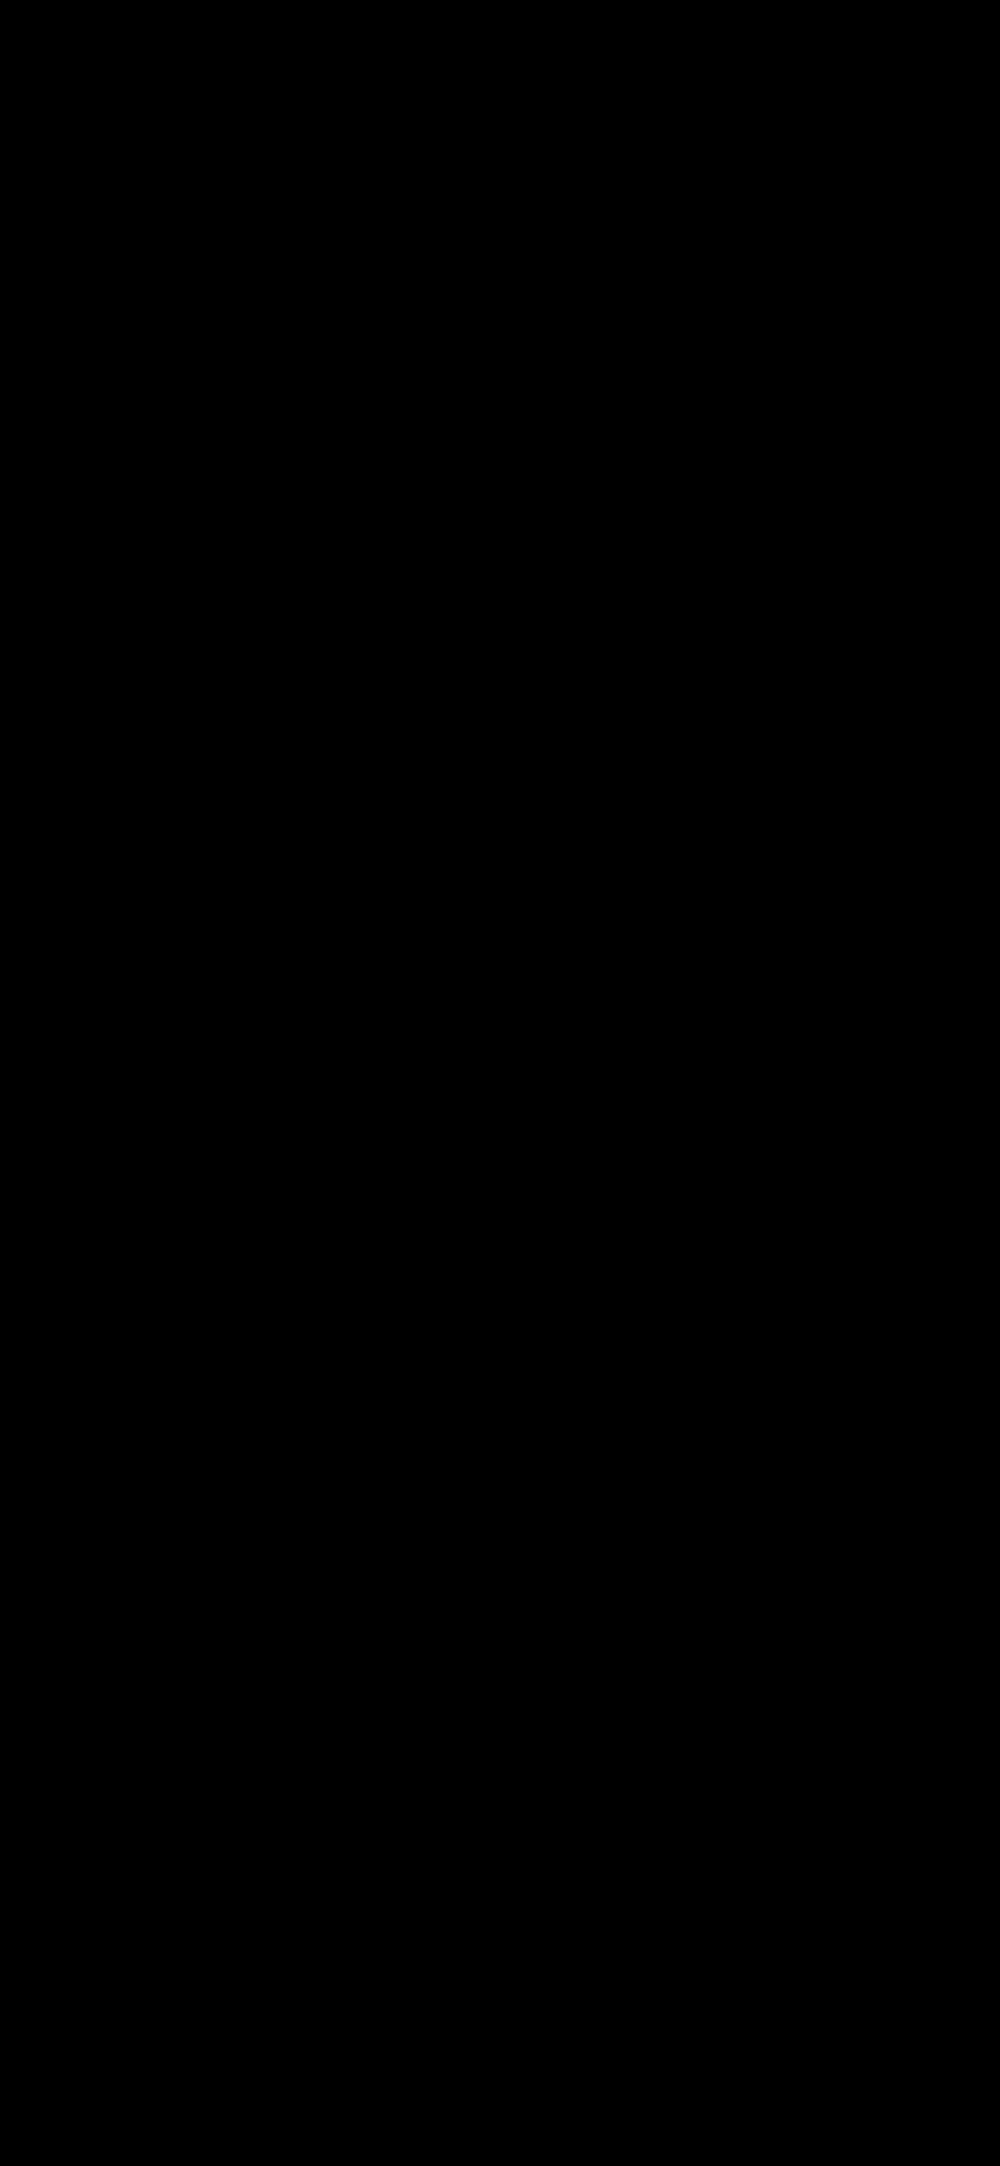 Москва.Октябрьское поле<br/>Азбука кофе<br/>От 230+% руб/ч